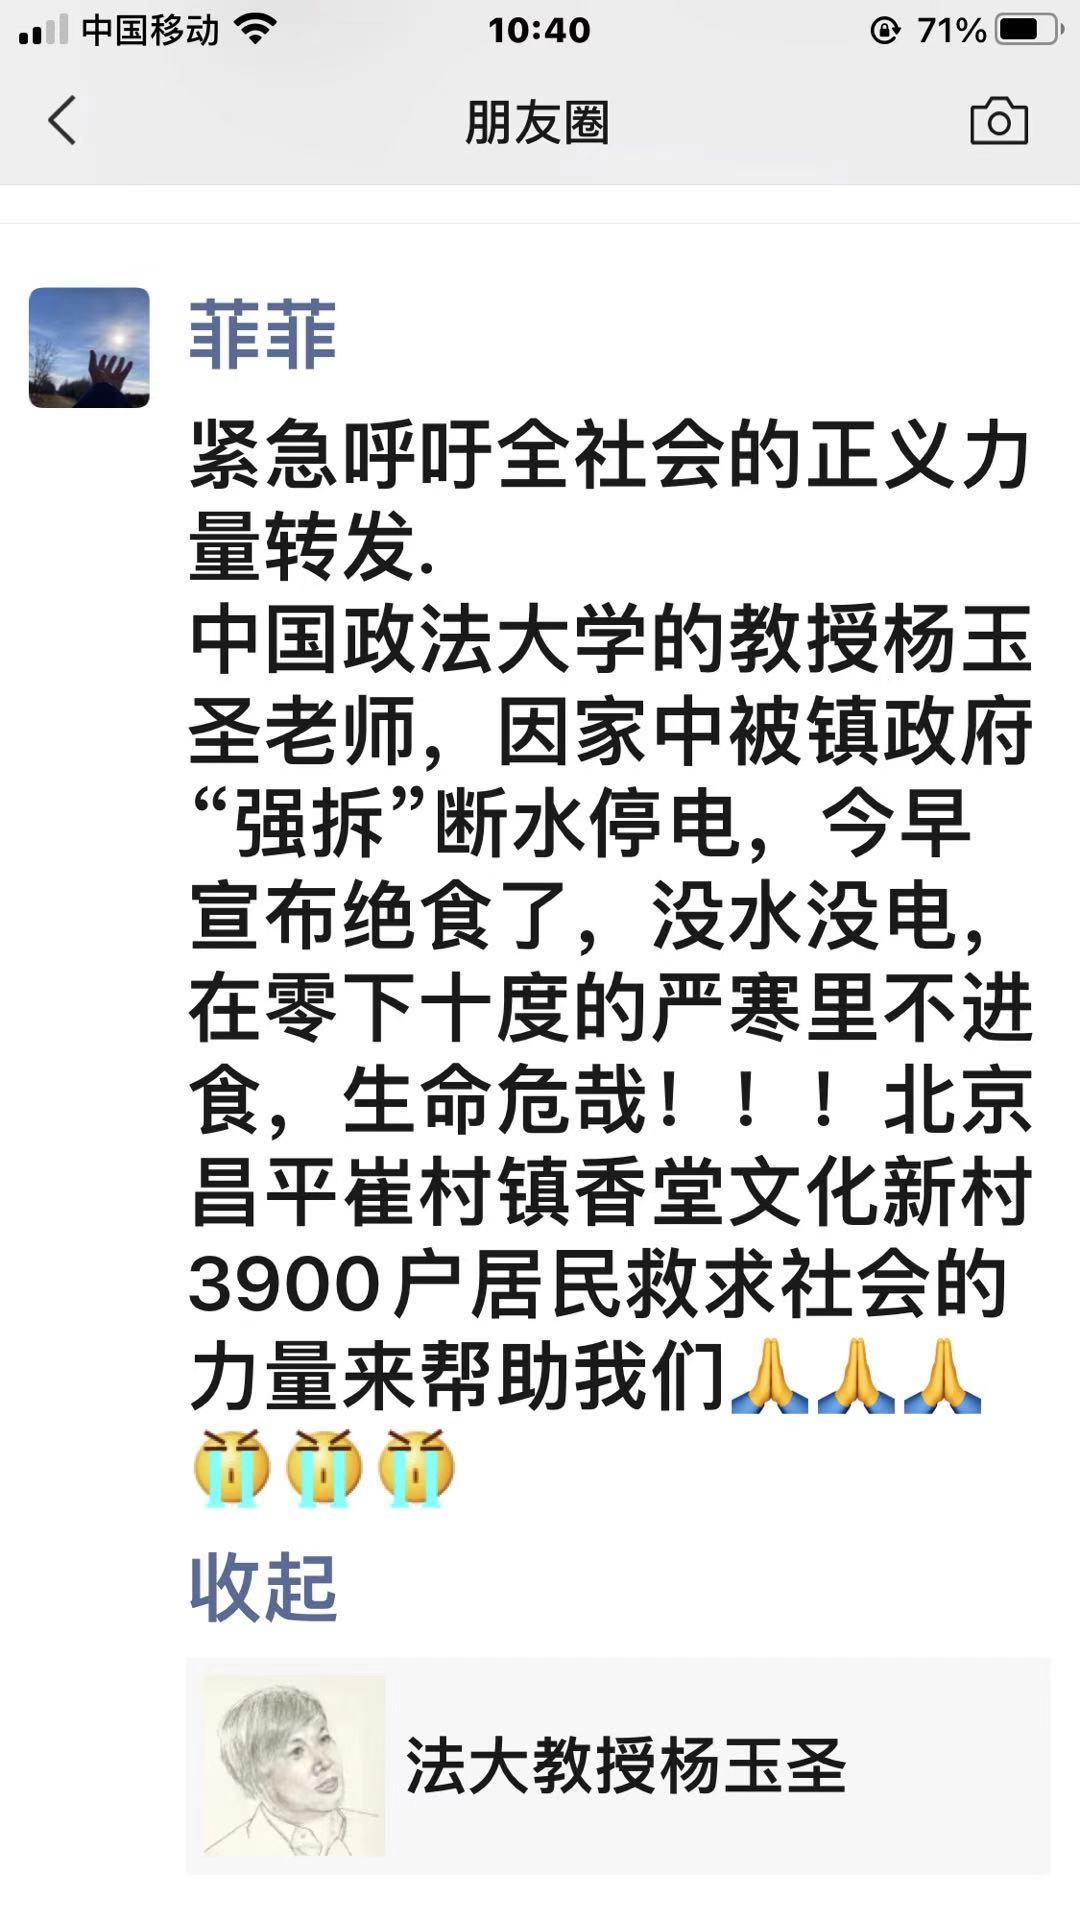 政法大學老教授楊玉聖絕食抗強拆,網上眾人聲援。(網絡截圖)